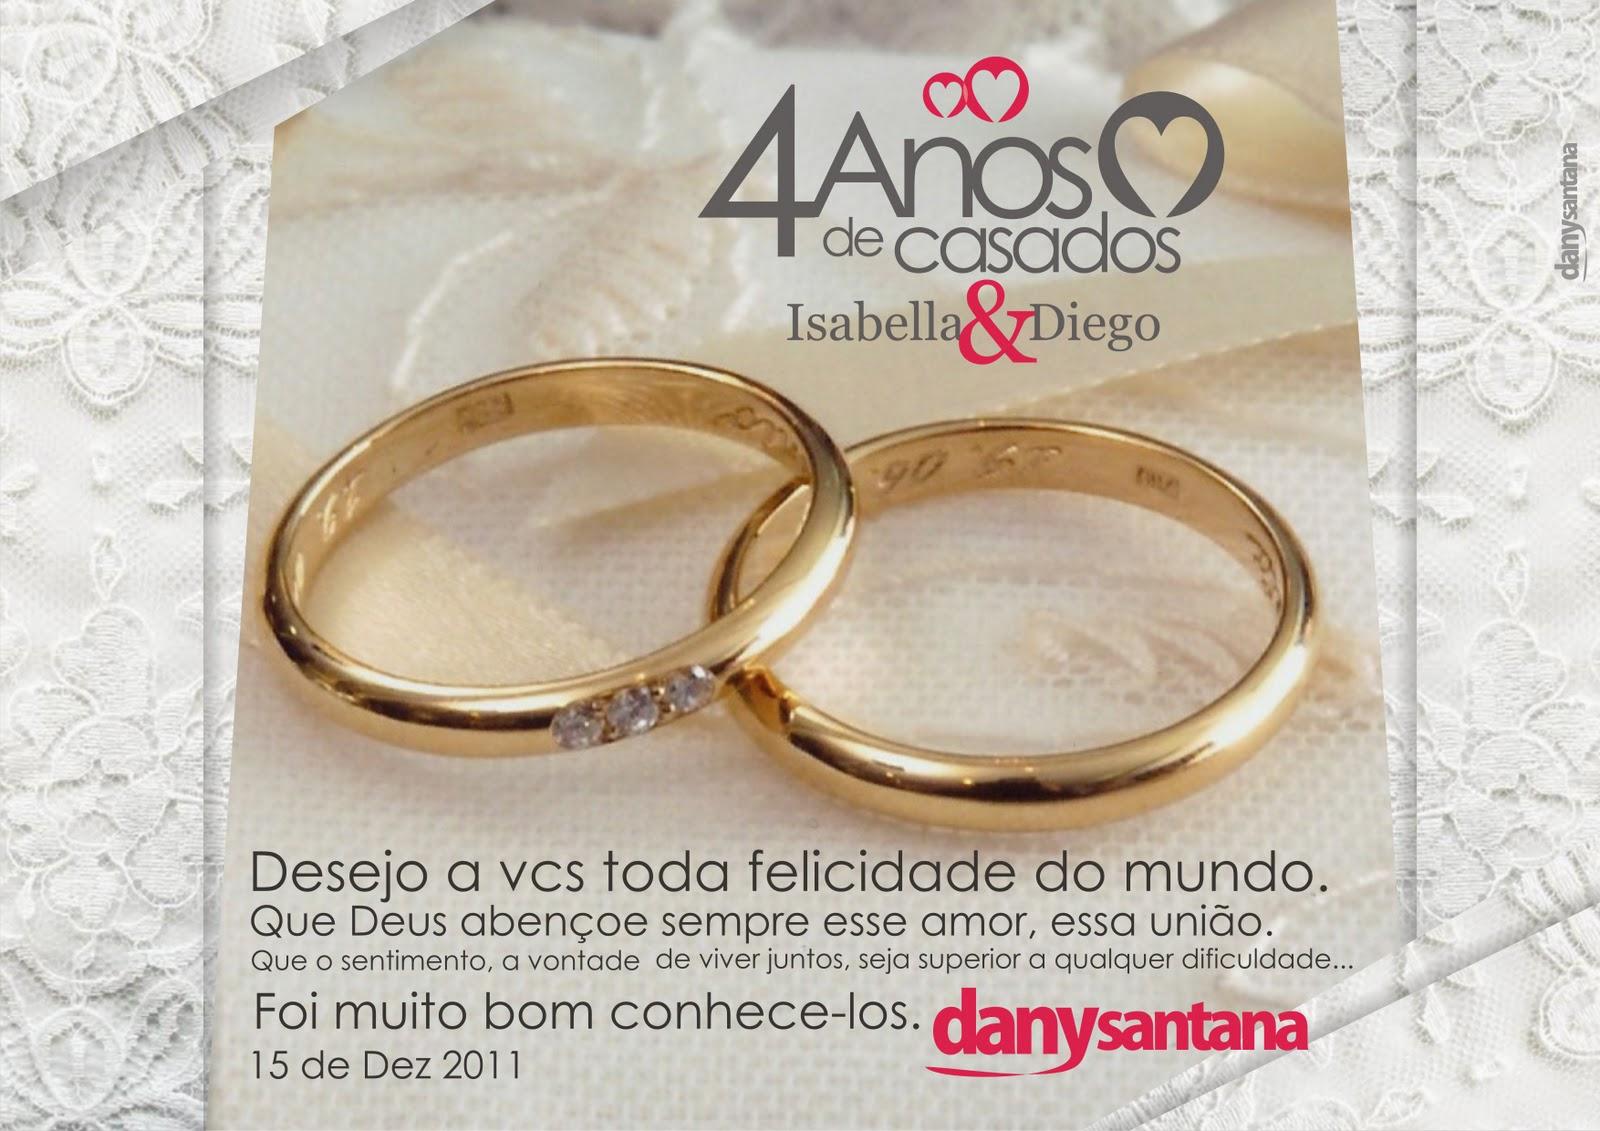 Dany Santana 4 Anos De Casados Izabella Diego Cartão Em